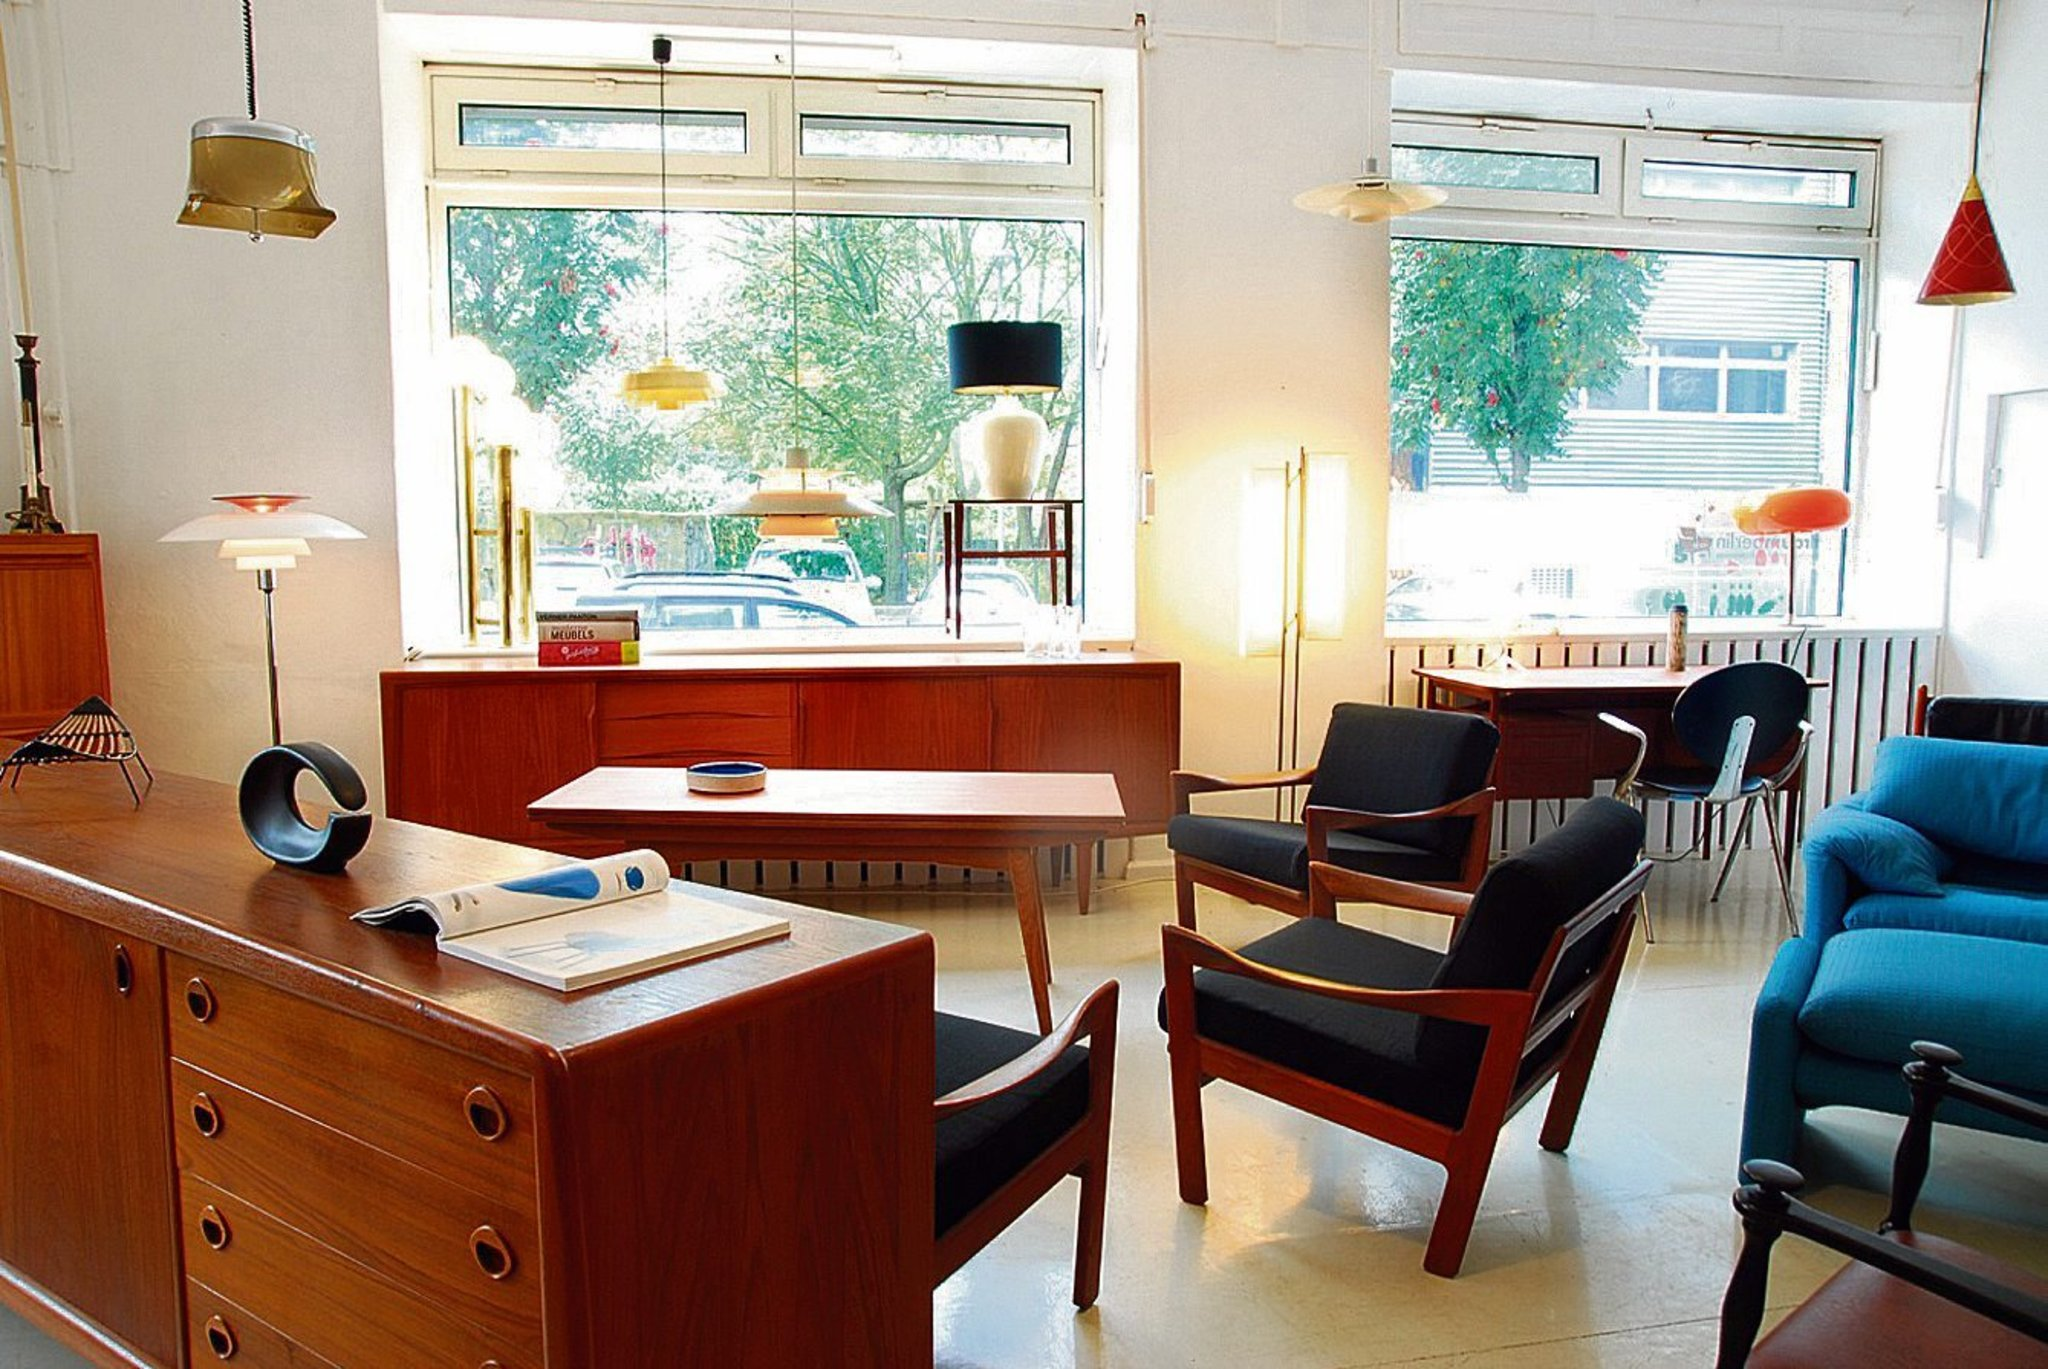 skandinavisches design friedrichshain. Black Bedroom Furniture Sets. Home Design Ideas